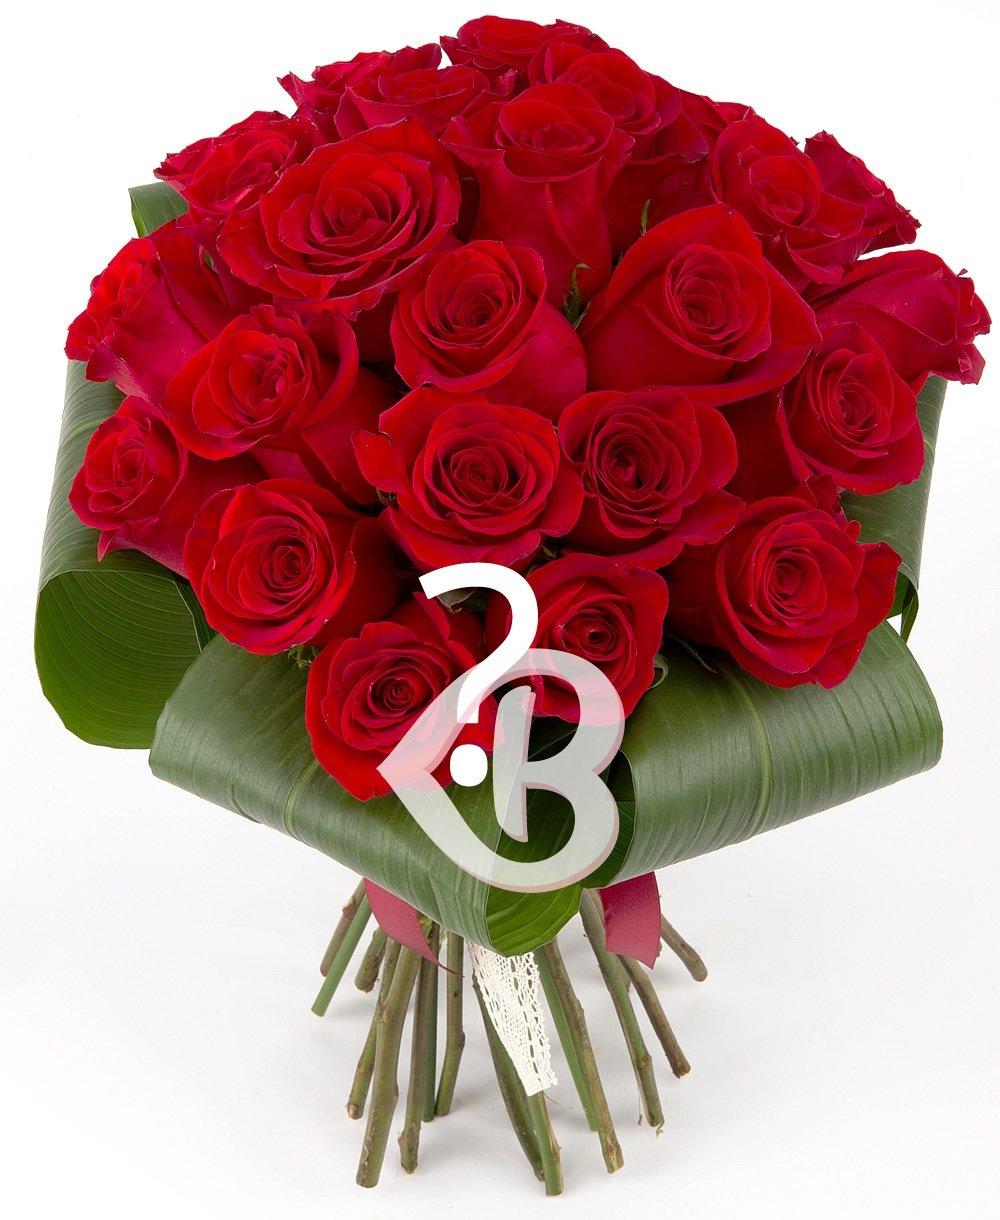 Trandafiri în orice număr